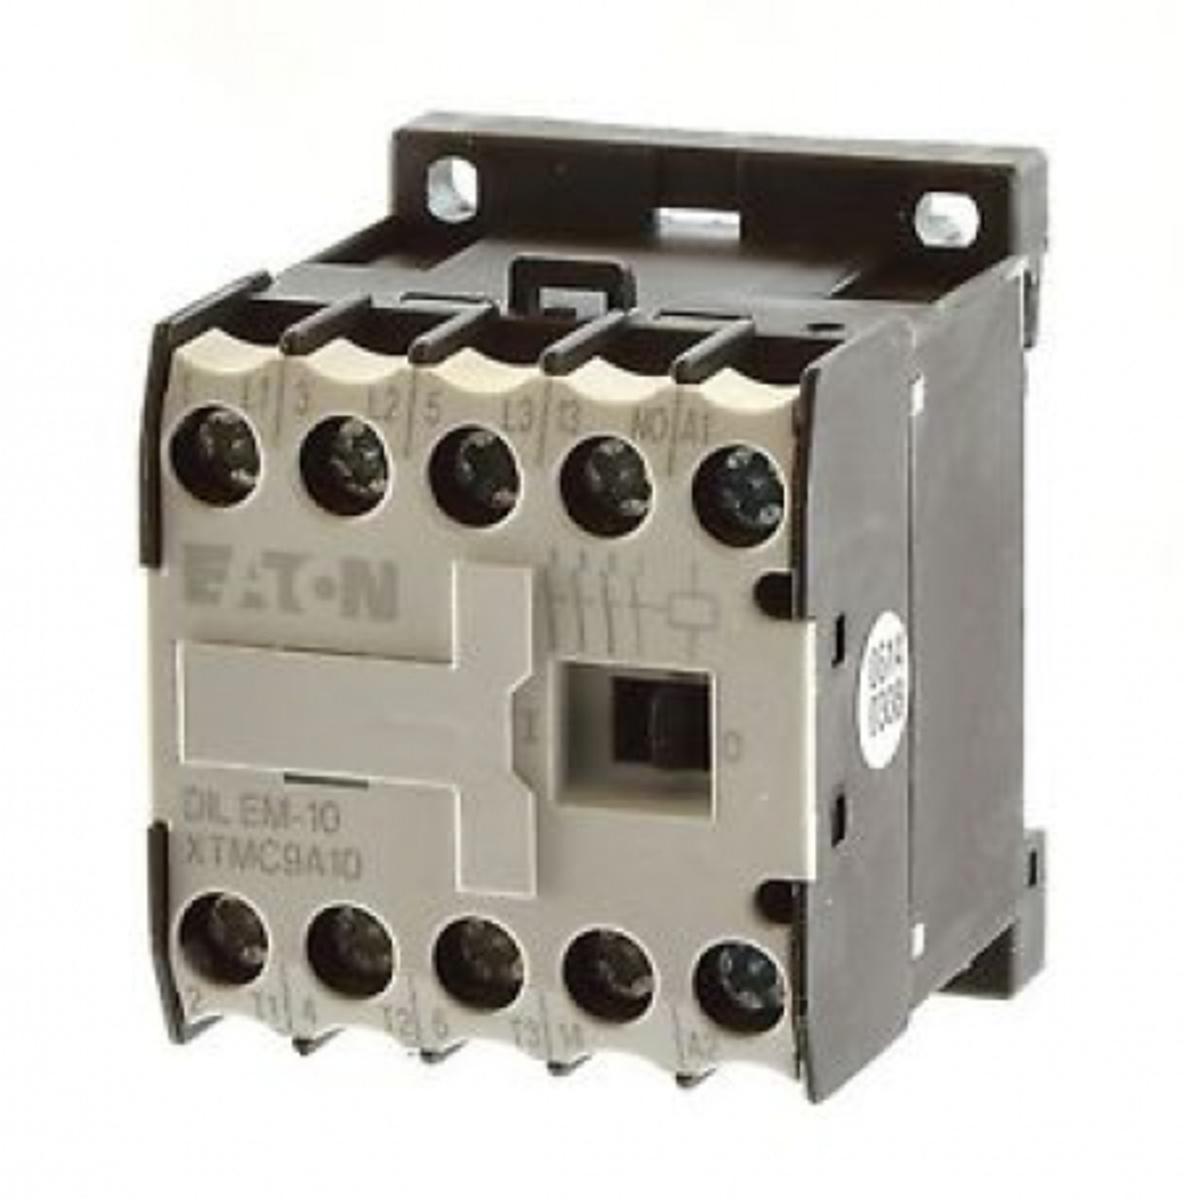 CONTATOR 3P 9A 1NA 380V DILEM-10(380V50HZ,440V60HZ) EATON